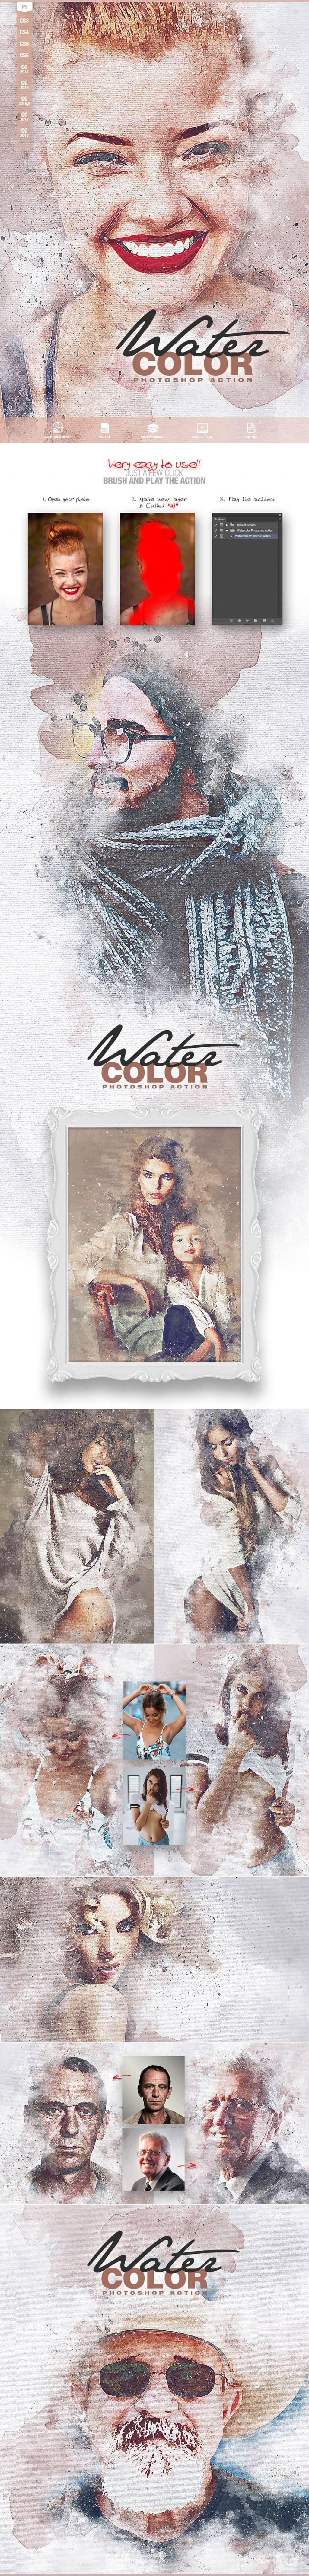 Watercolor Photoshop Action CS3 Design